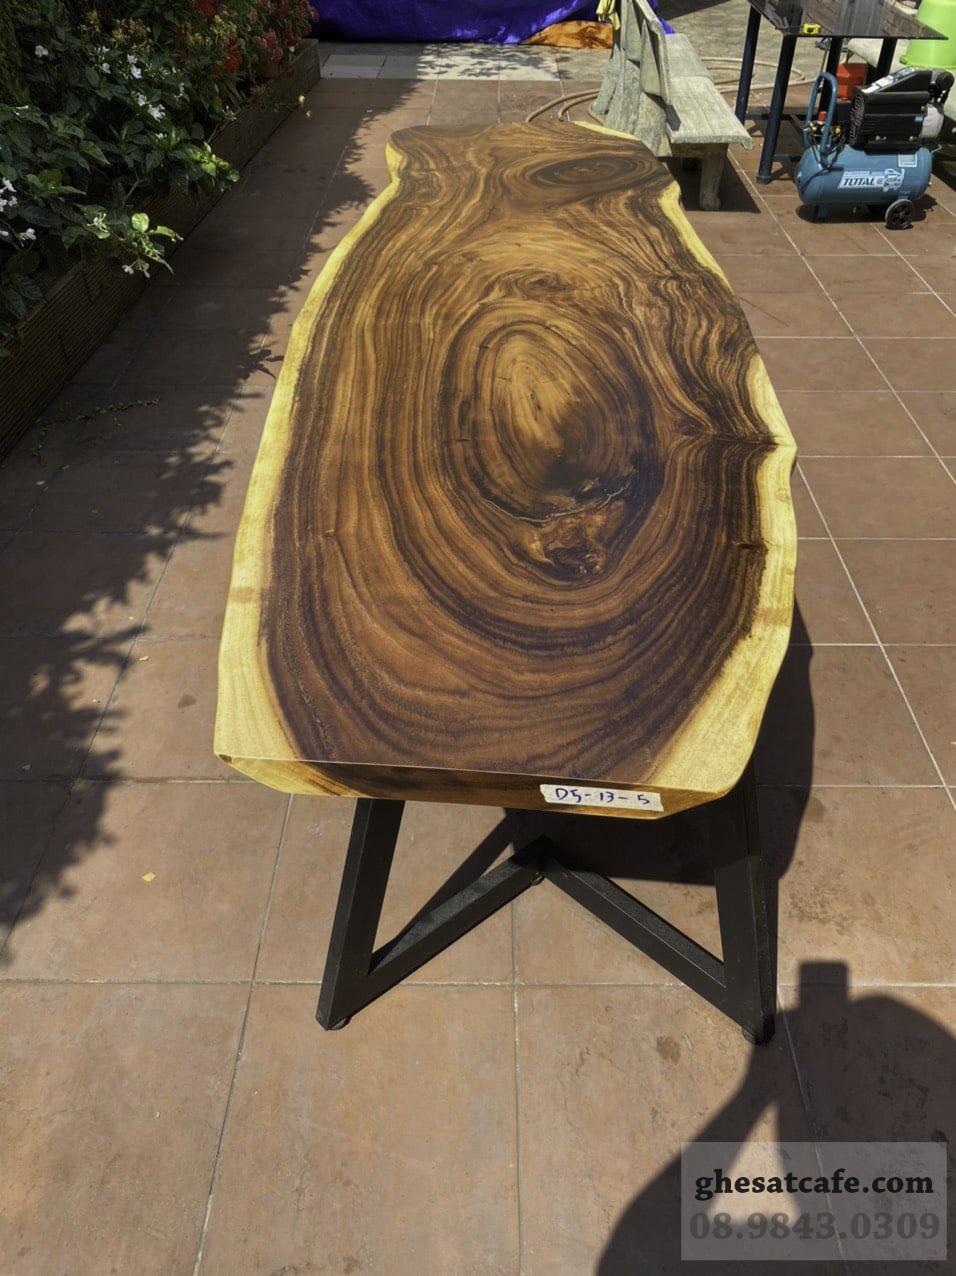 nơi mua bàn gỗ nguyên tấm giá rẻ (8)